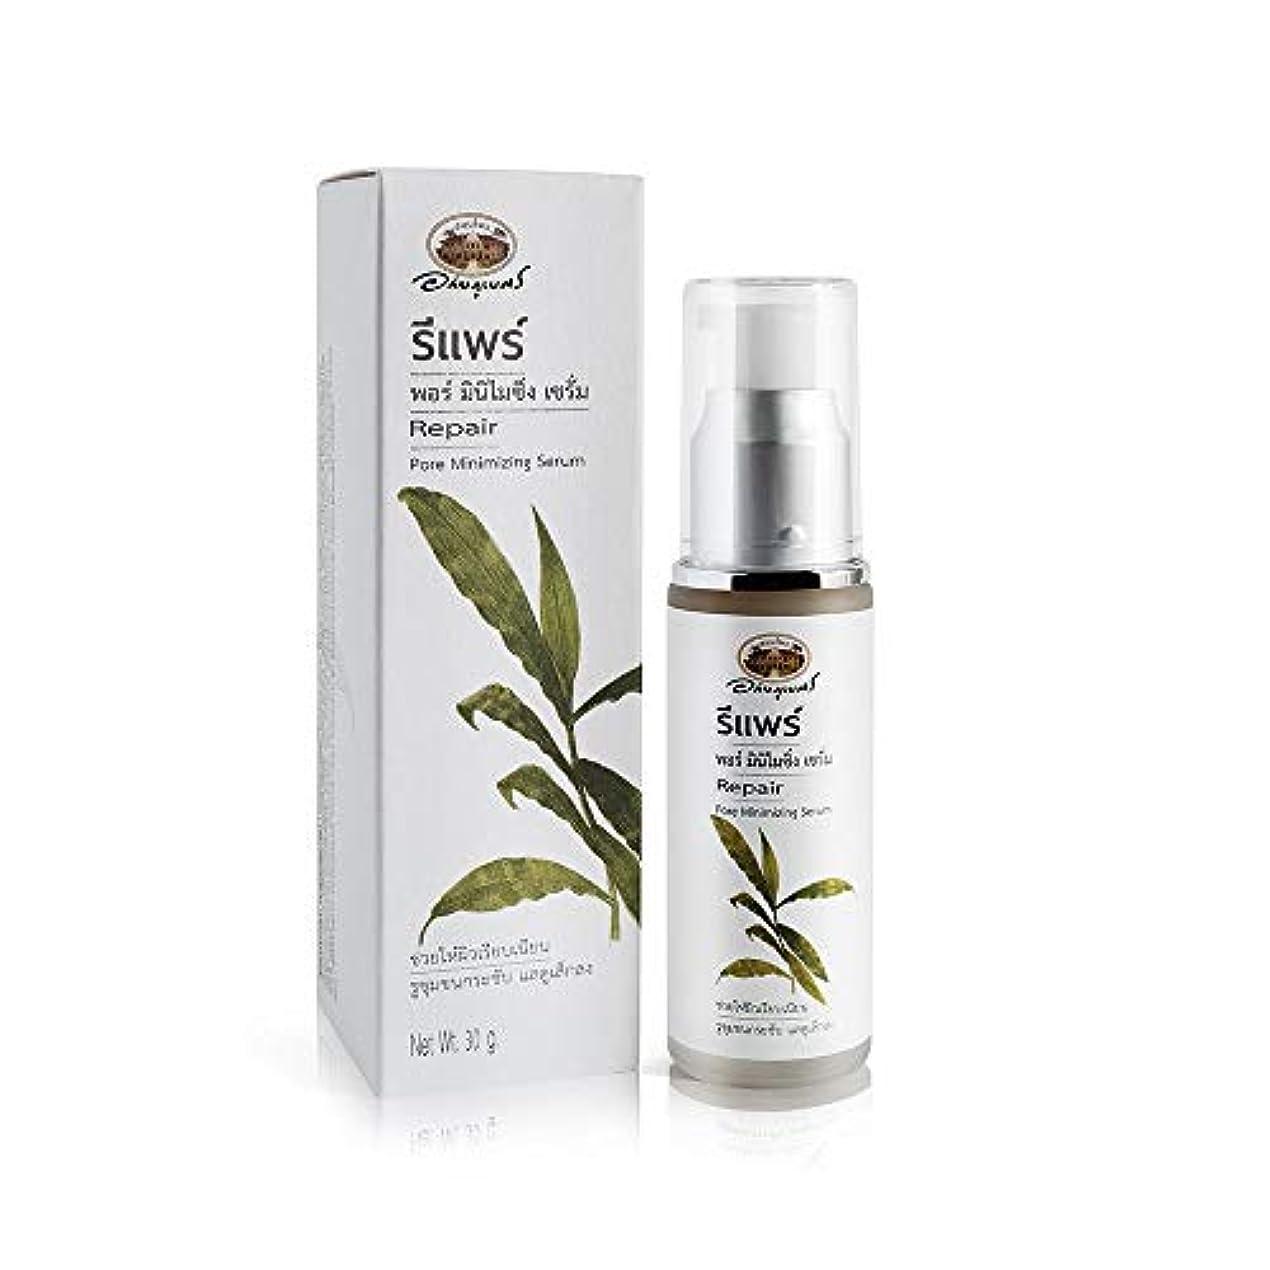 Abhaibhubejhr Pore Minimizing Serum Repair Face 30g Abhaibhubejhrポアミニマイズセラムリペアフェイス30g